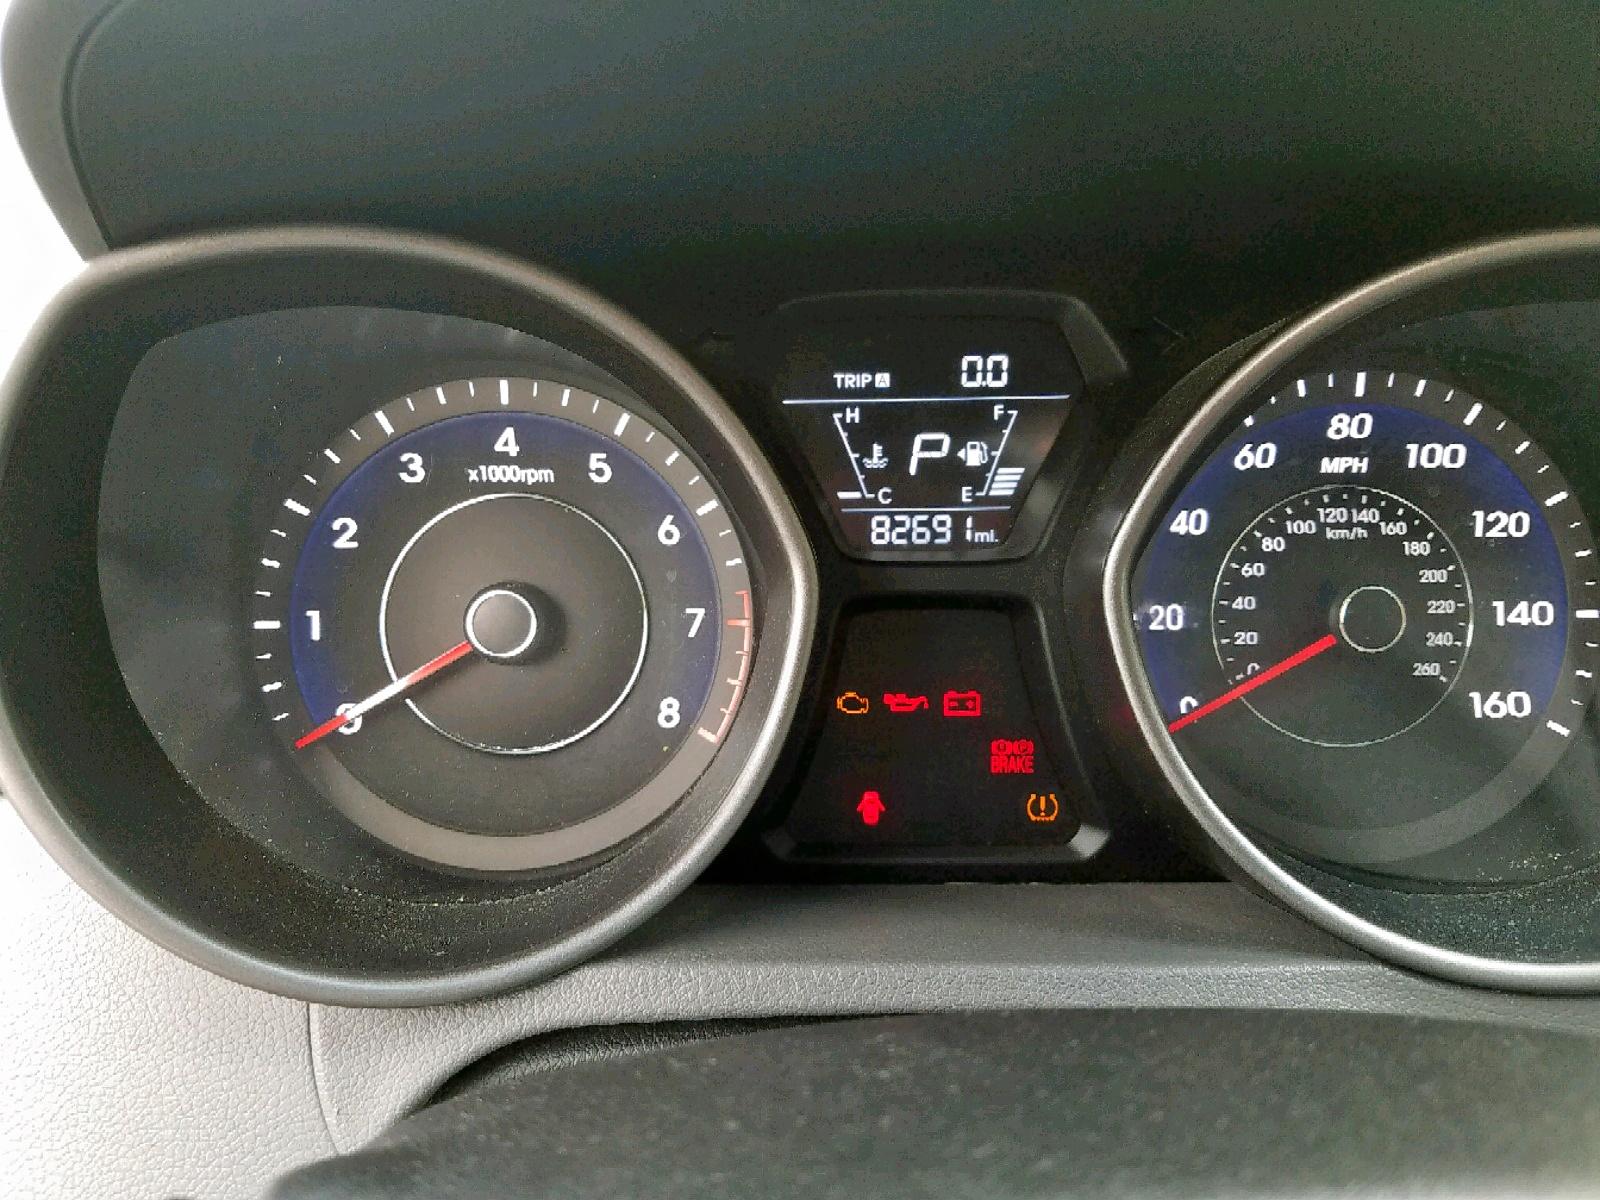 5NPDH4AEXGH714940 - 2016 Hyundai Elantra Se 1.8L front view